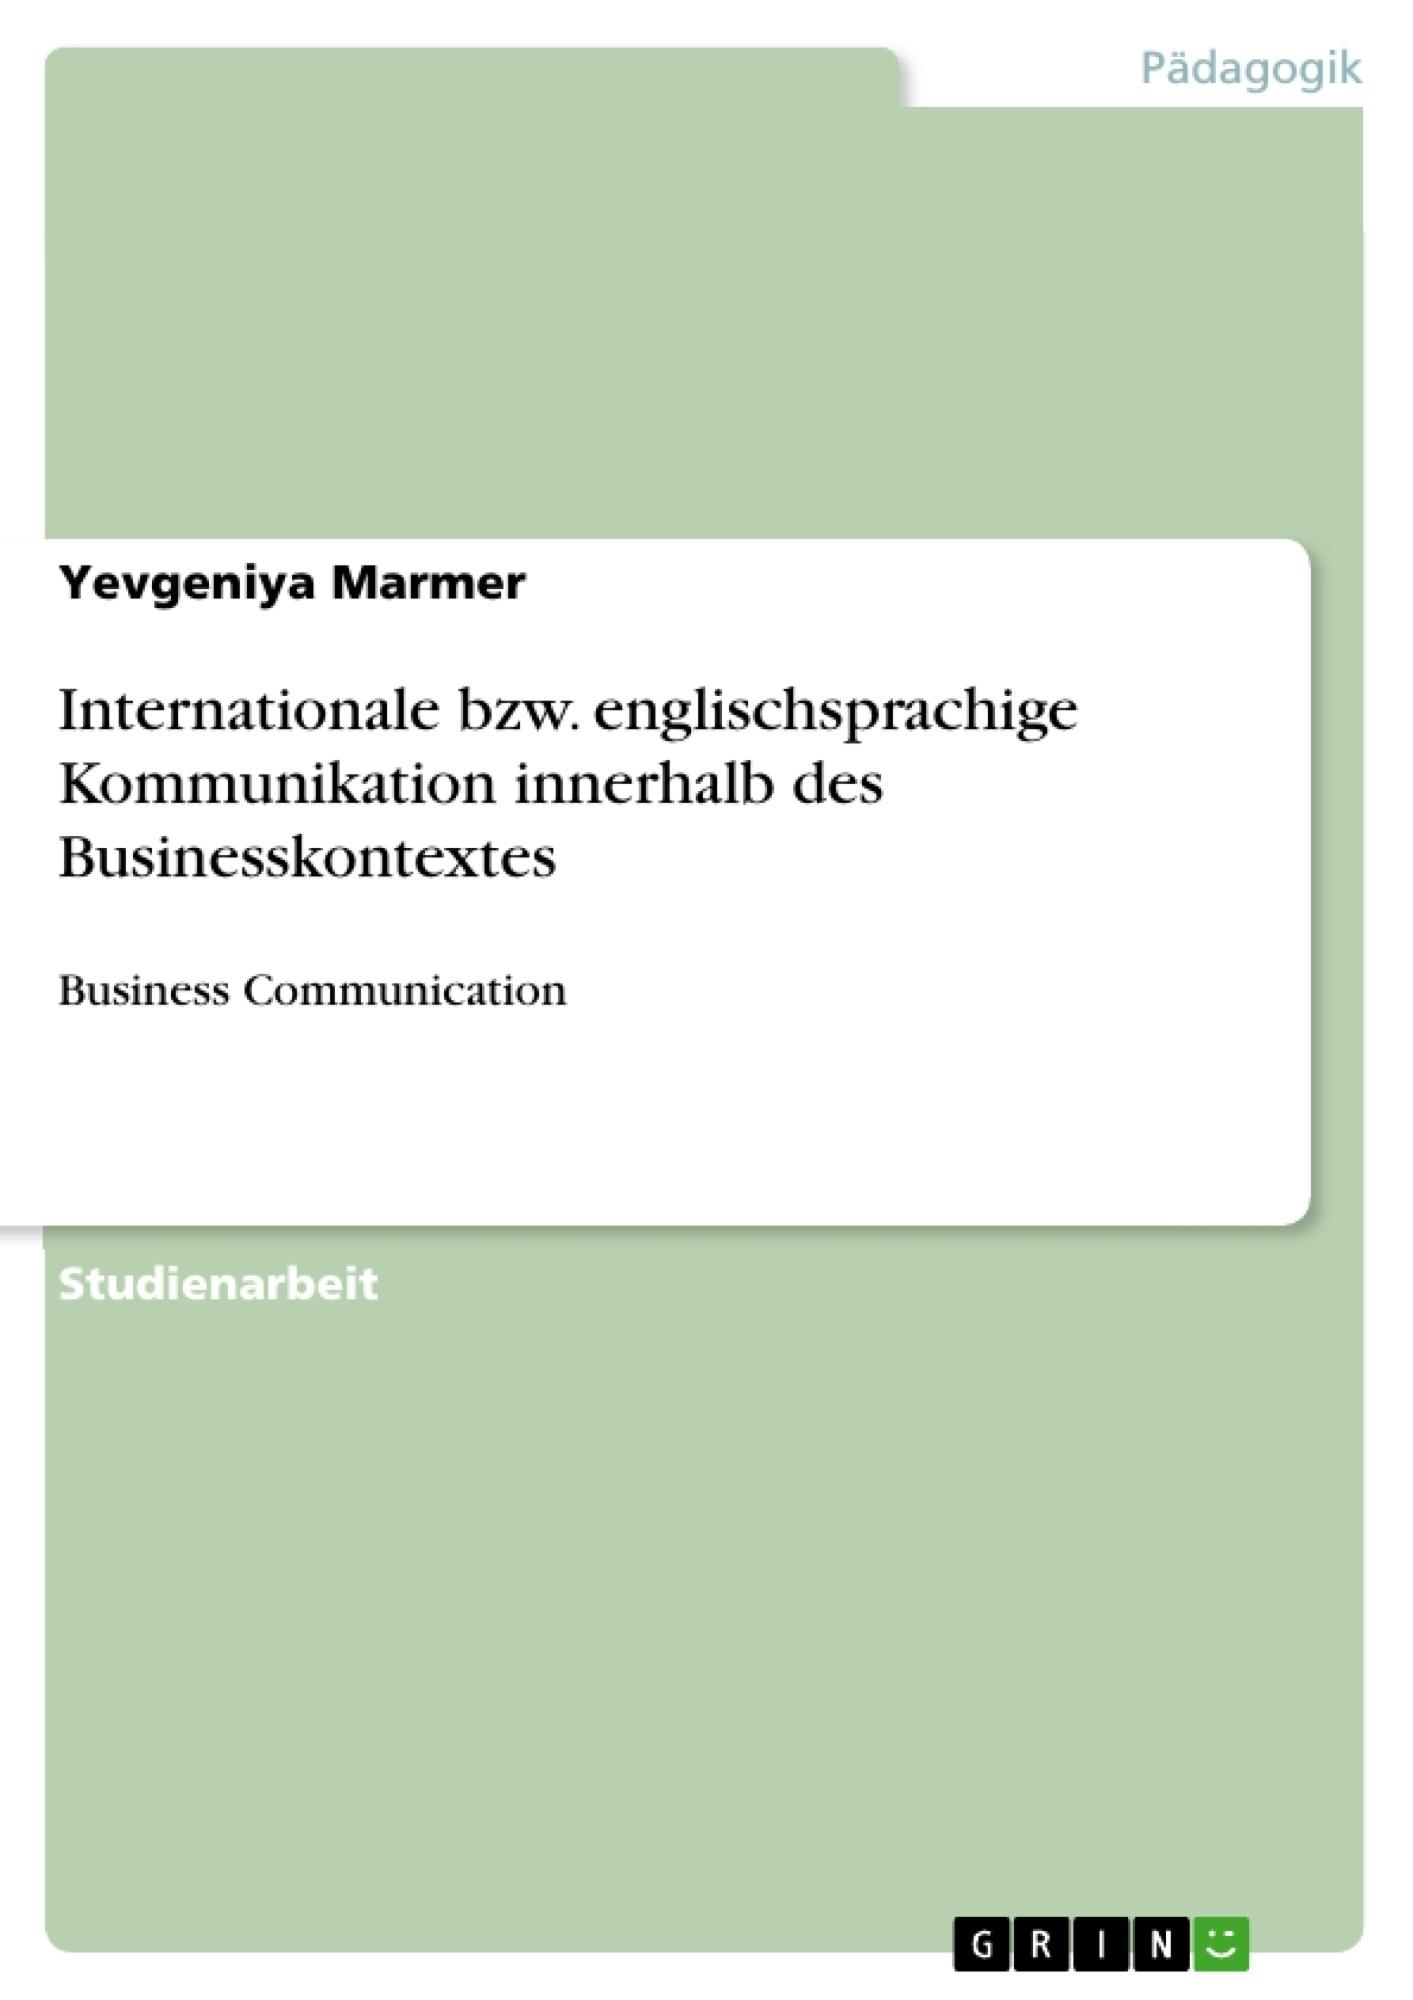 Titel: Internationale bzw. englischsprachige Kommunikation innerhalb des Businesskontextes